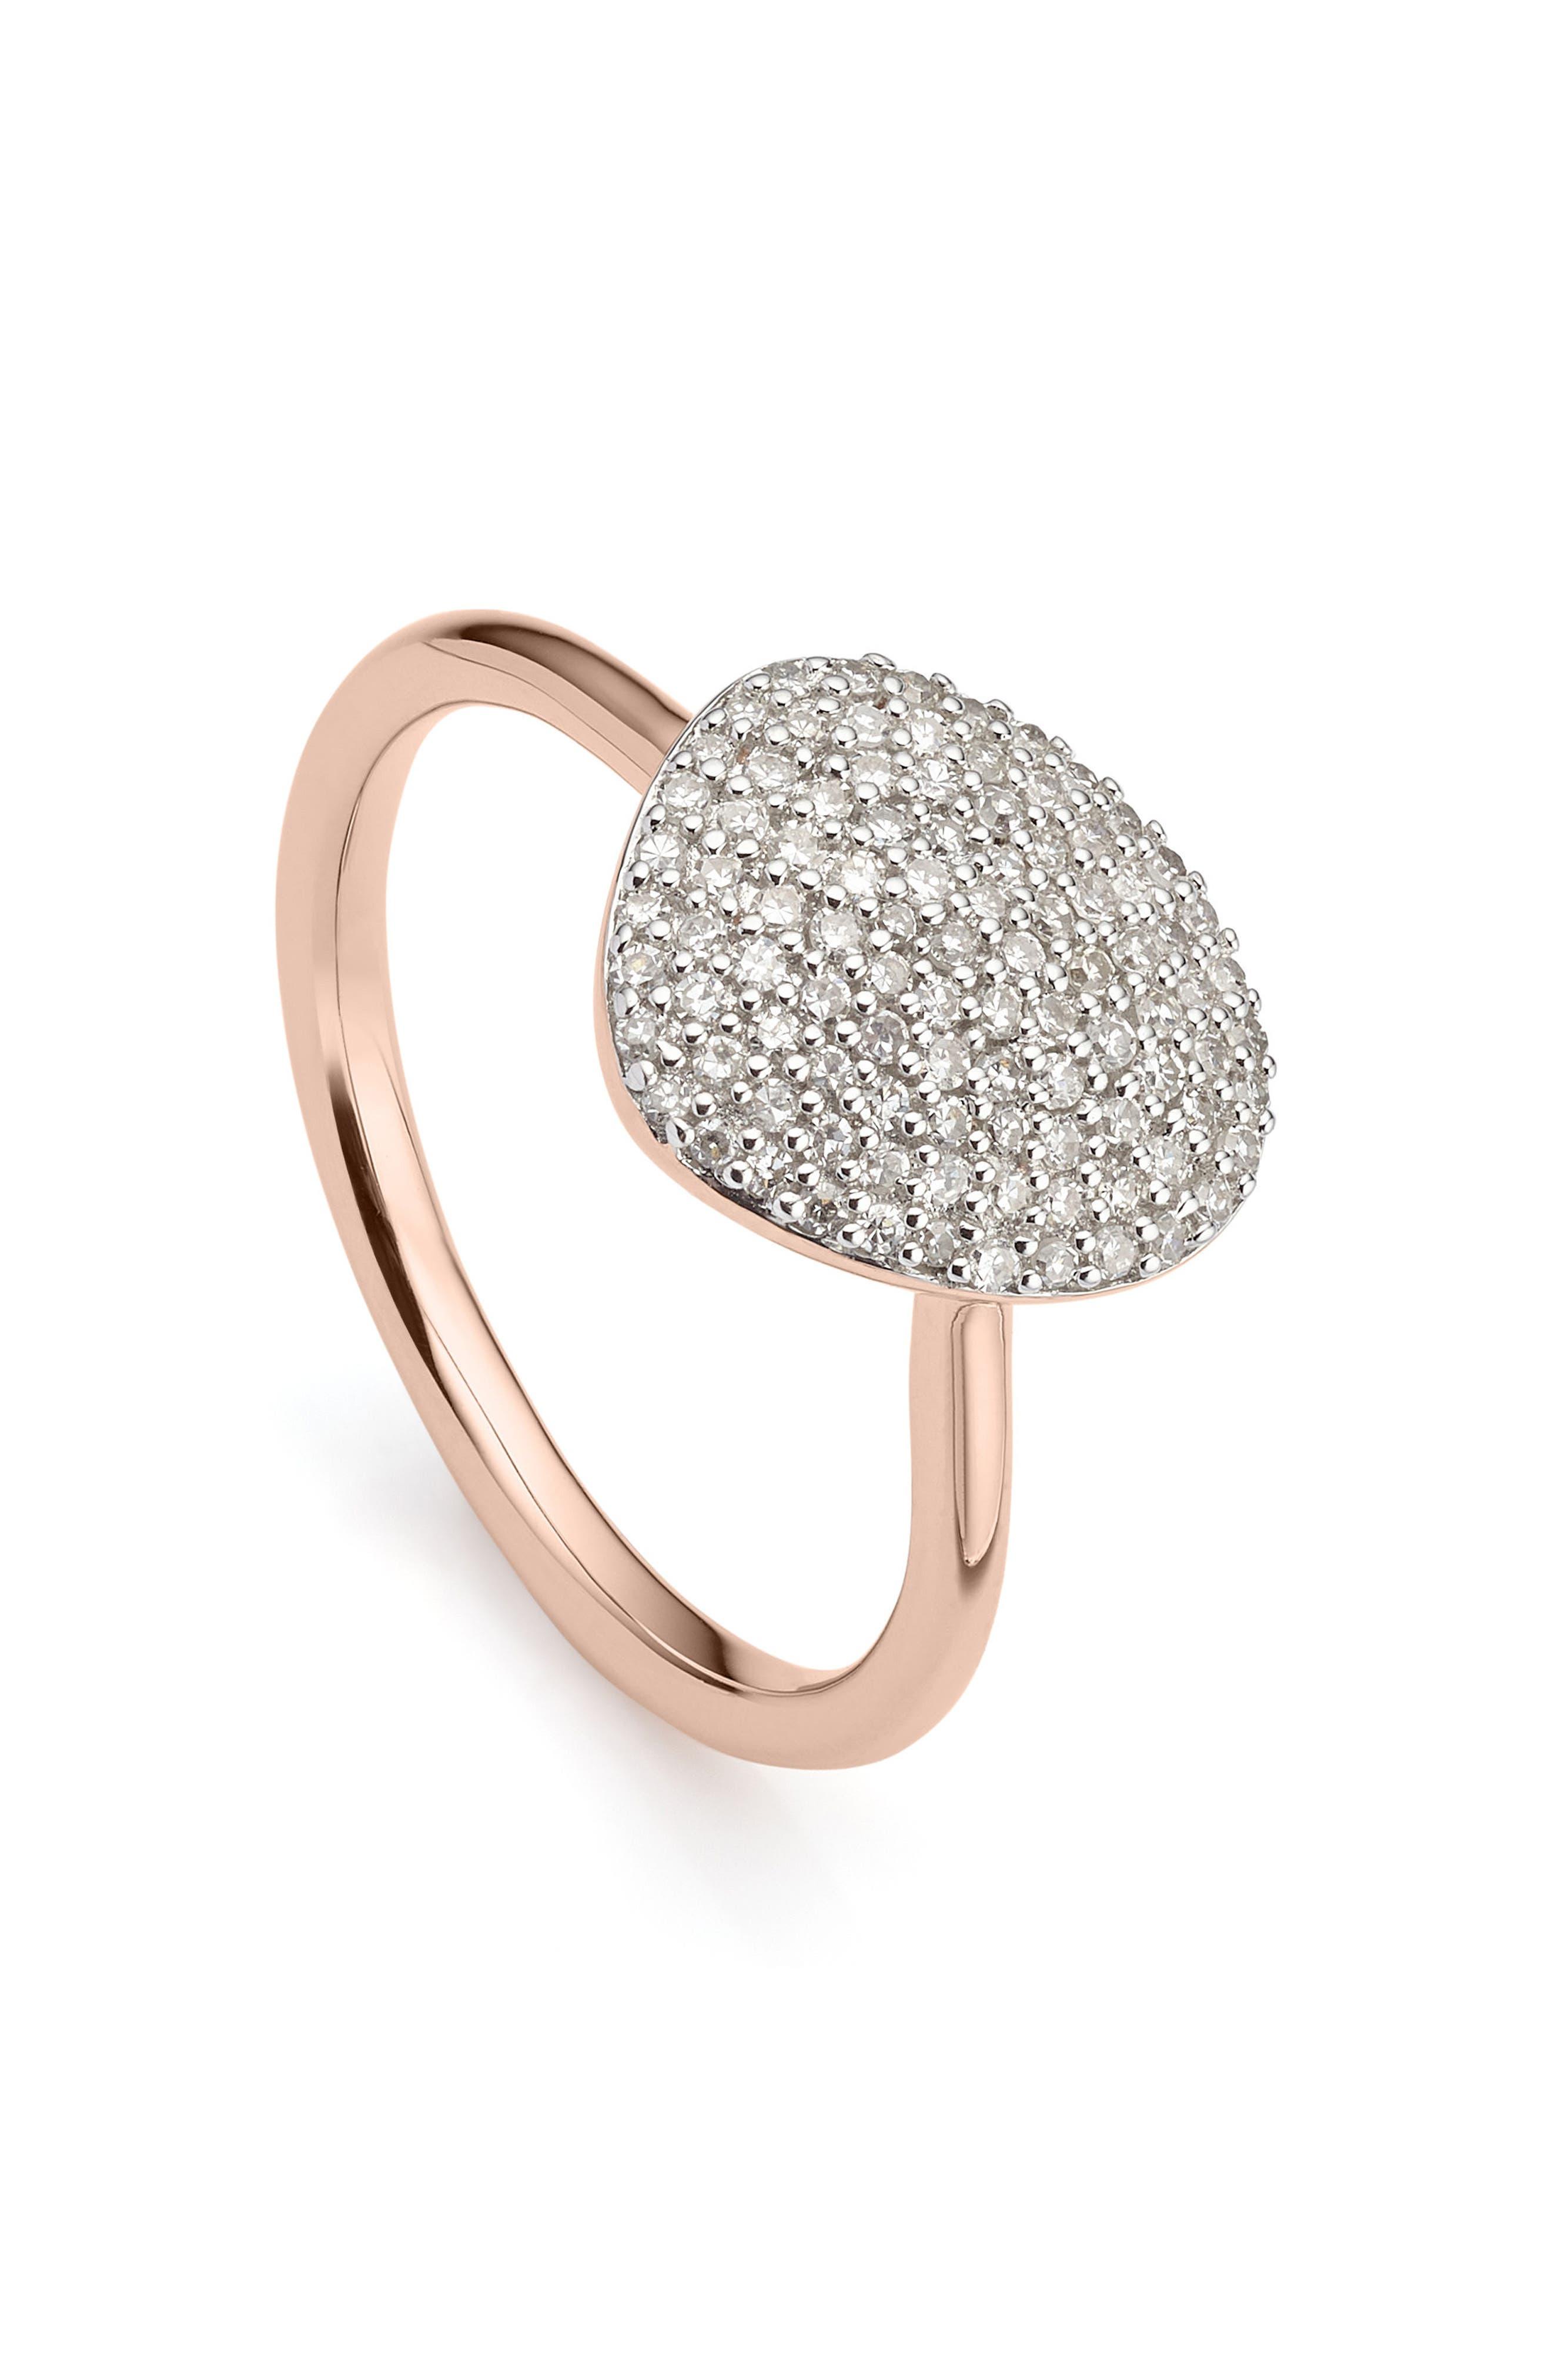 Nura Diamond Pebble Ring,                         Main,                         color, ROSE GOLD/ DIAMOND